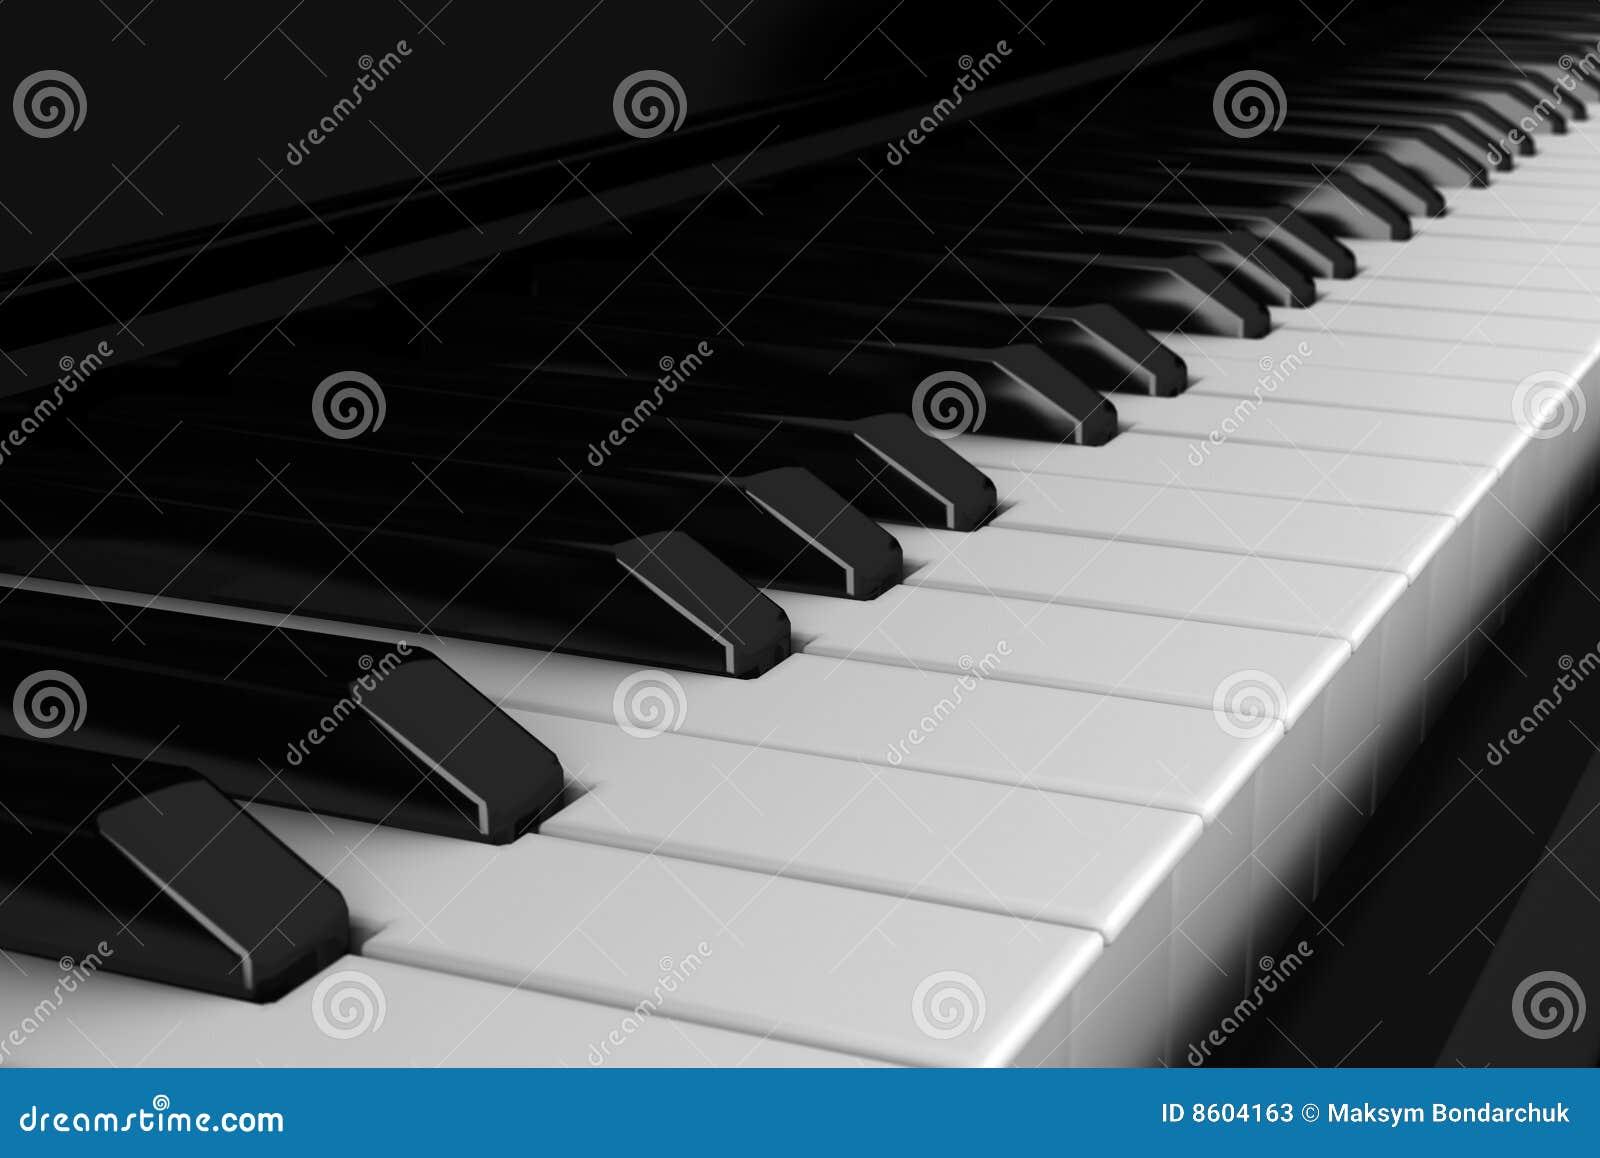 Klawiaturowy zamknięty klawiaturowy pianino